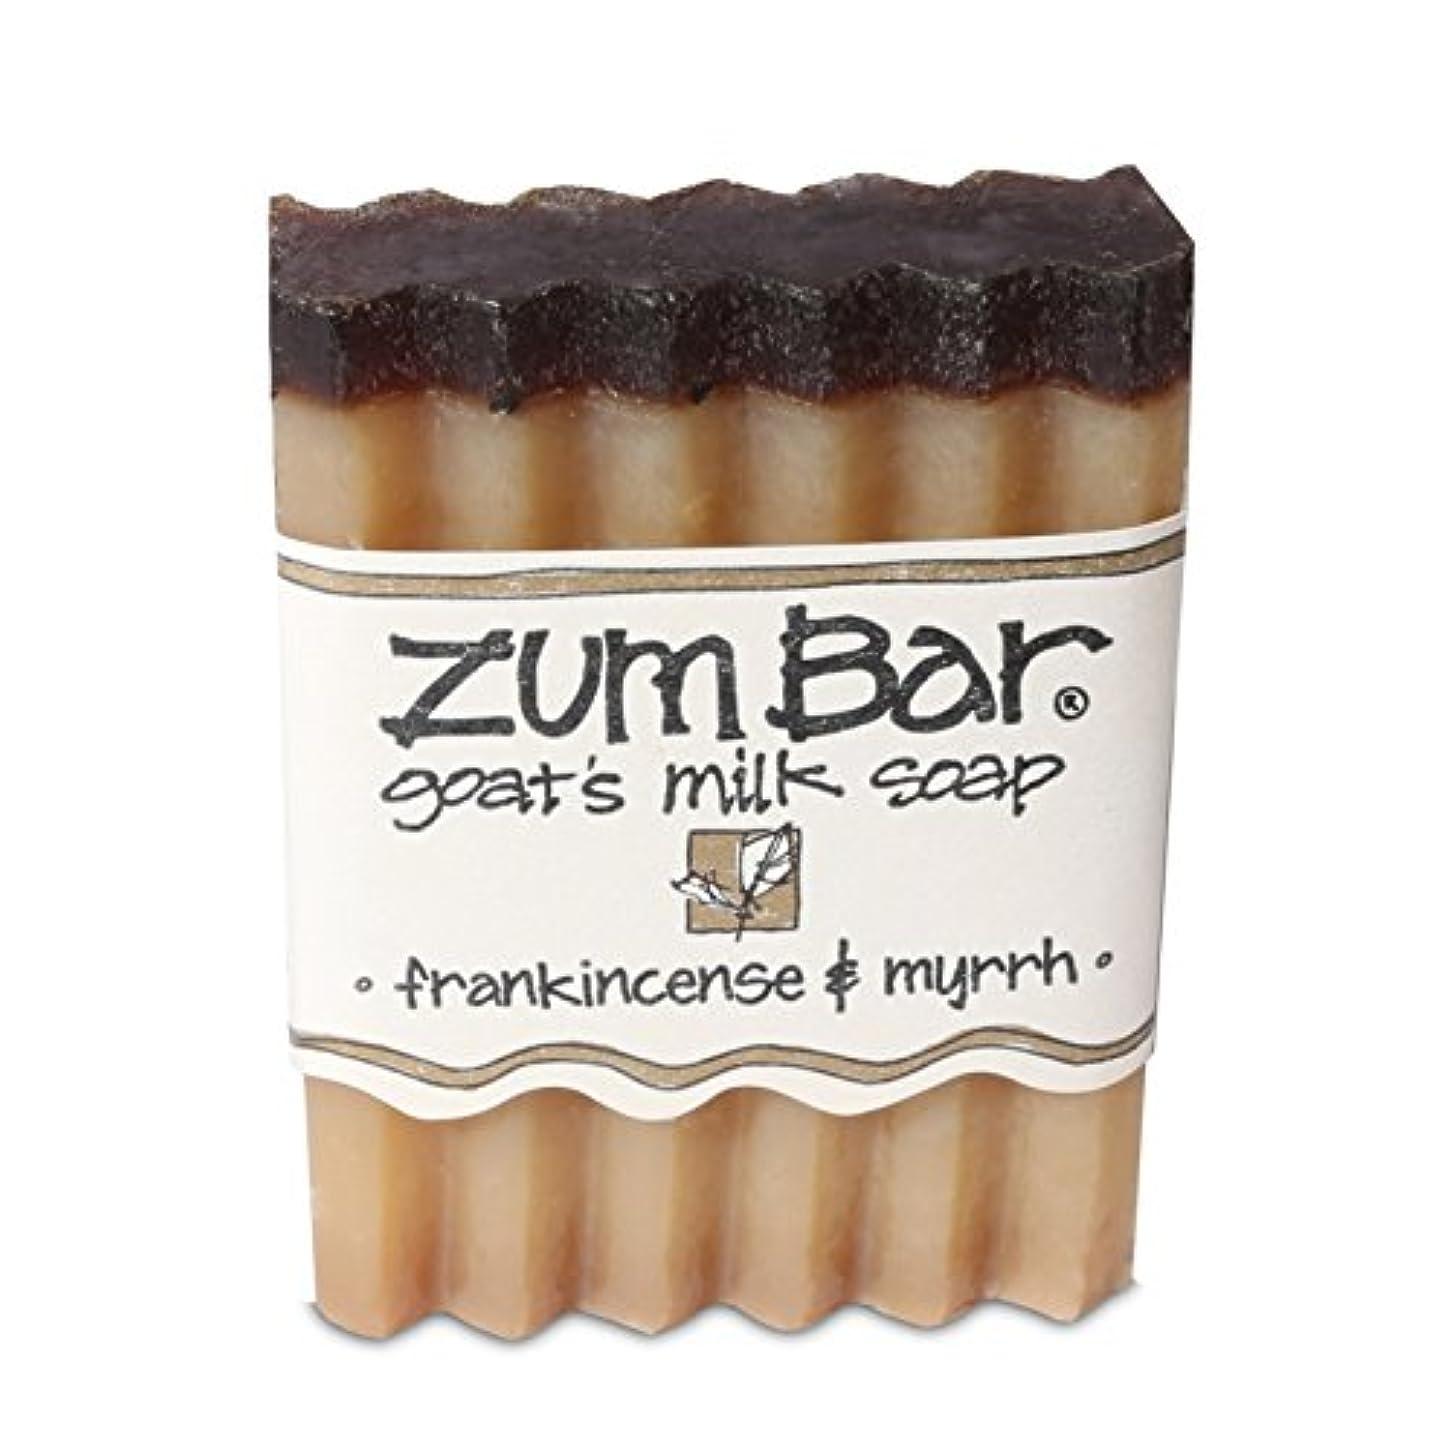 争い誕生日によって海外直送品 Indigo Wild, Zum Bar, Goat's ミルク ソープ フランキンセンス&ミルラ, 3 Ounces (2個セット) (Frankincense & Myrrh) [並行輸入品]